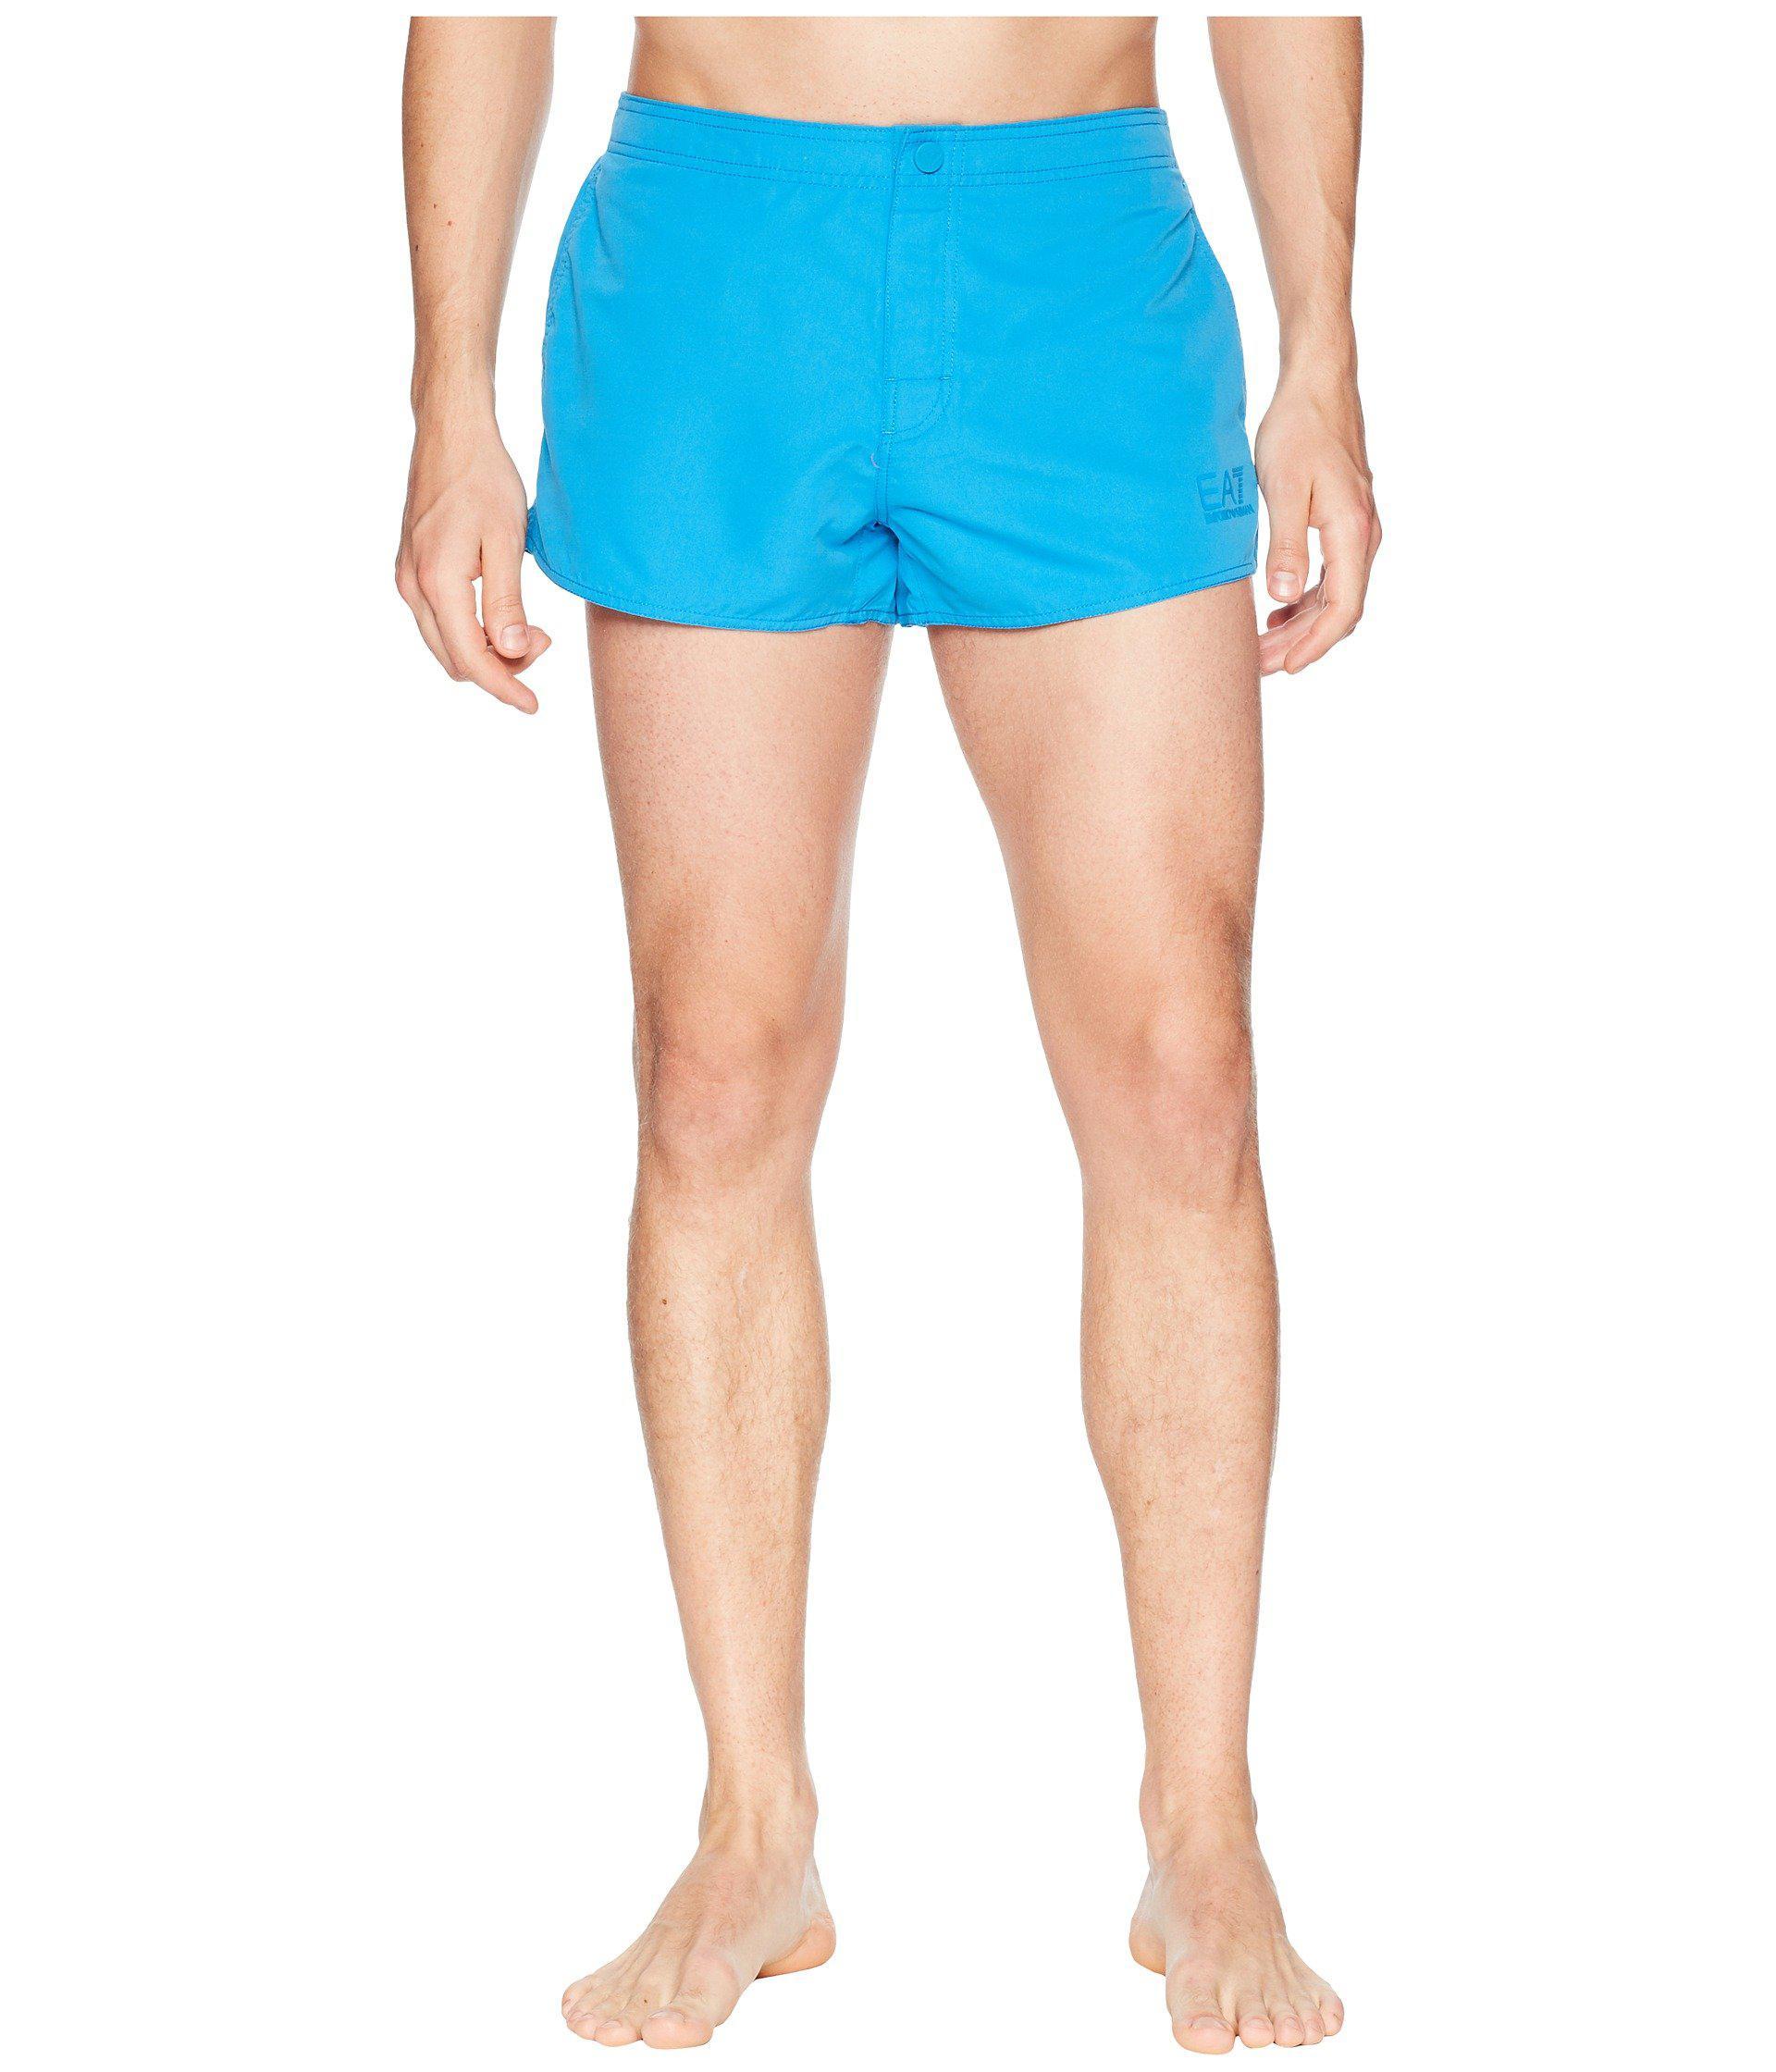 46d0f2b4c8 Lyst - Emporio Armani Ea7 Sea World Swim Shorts in Blue for Men ...